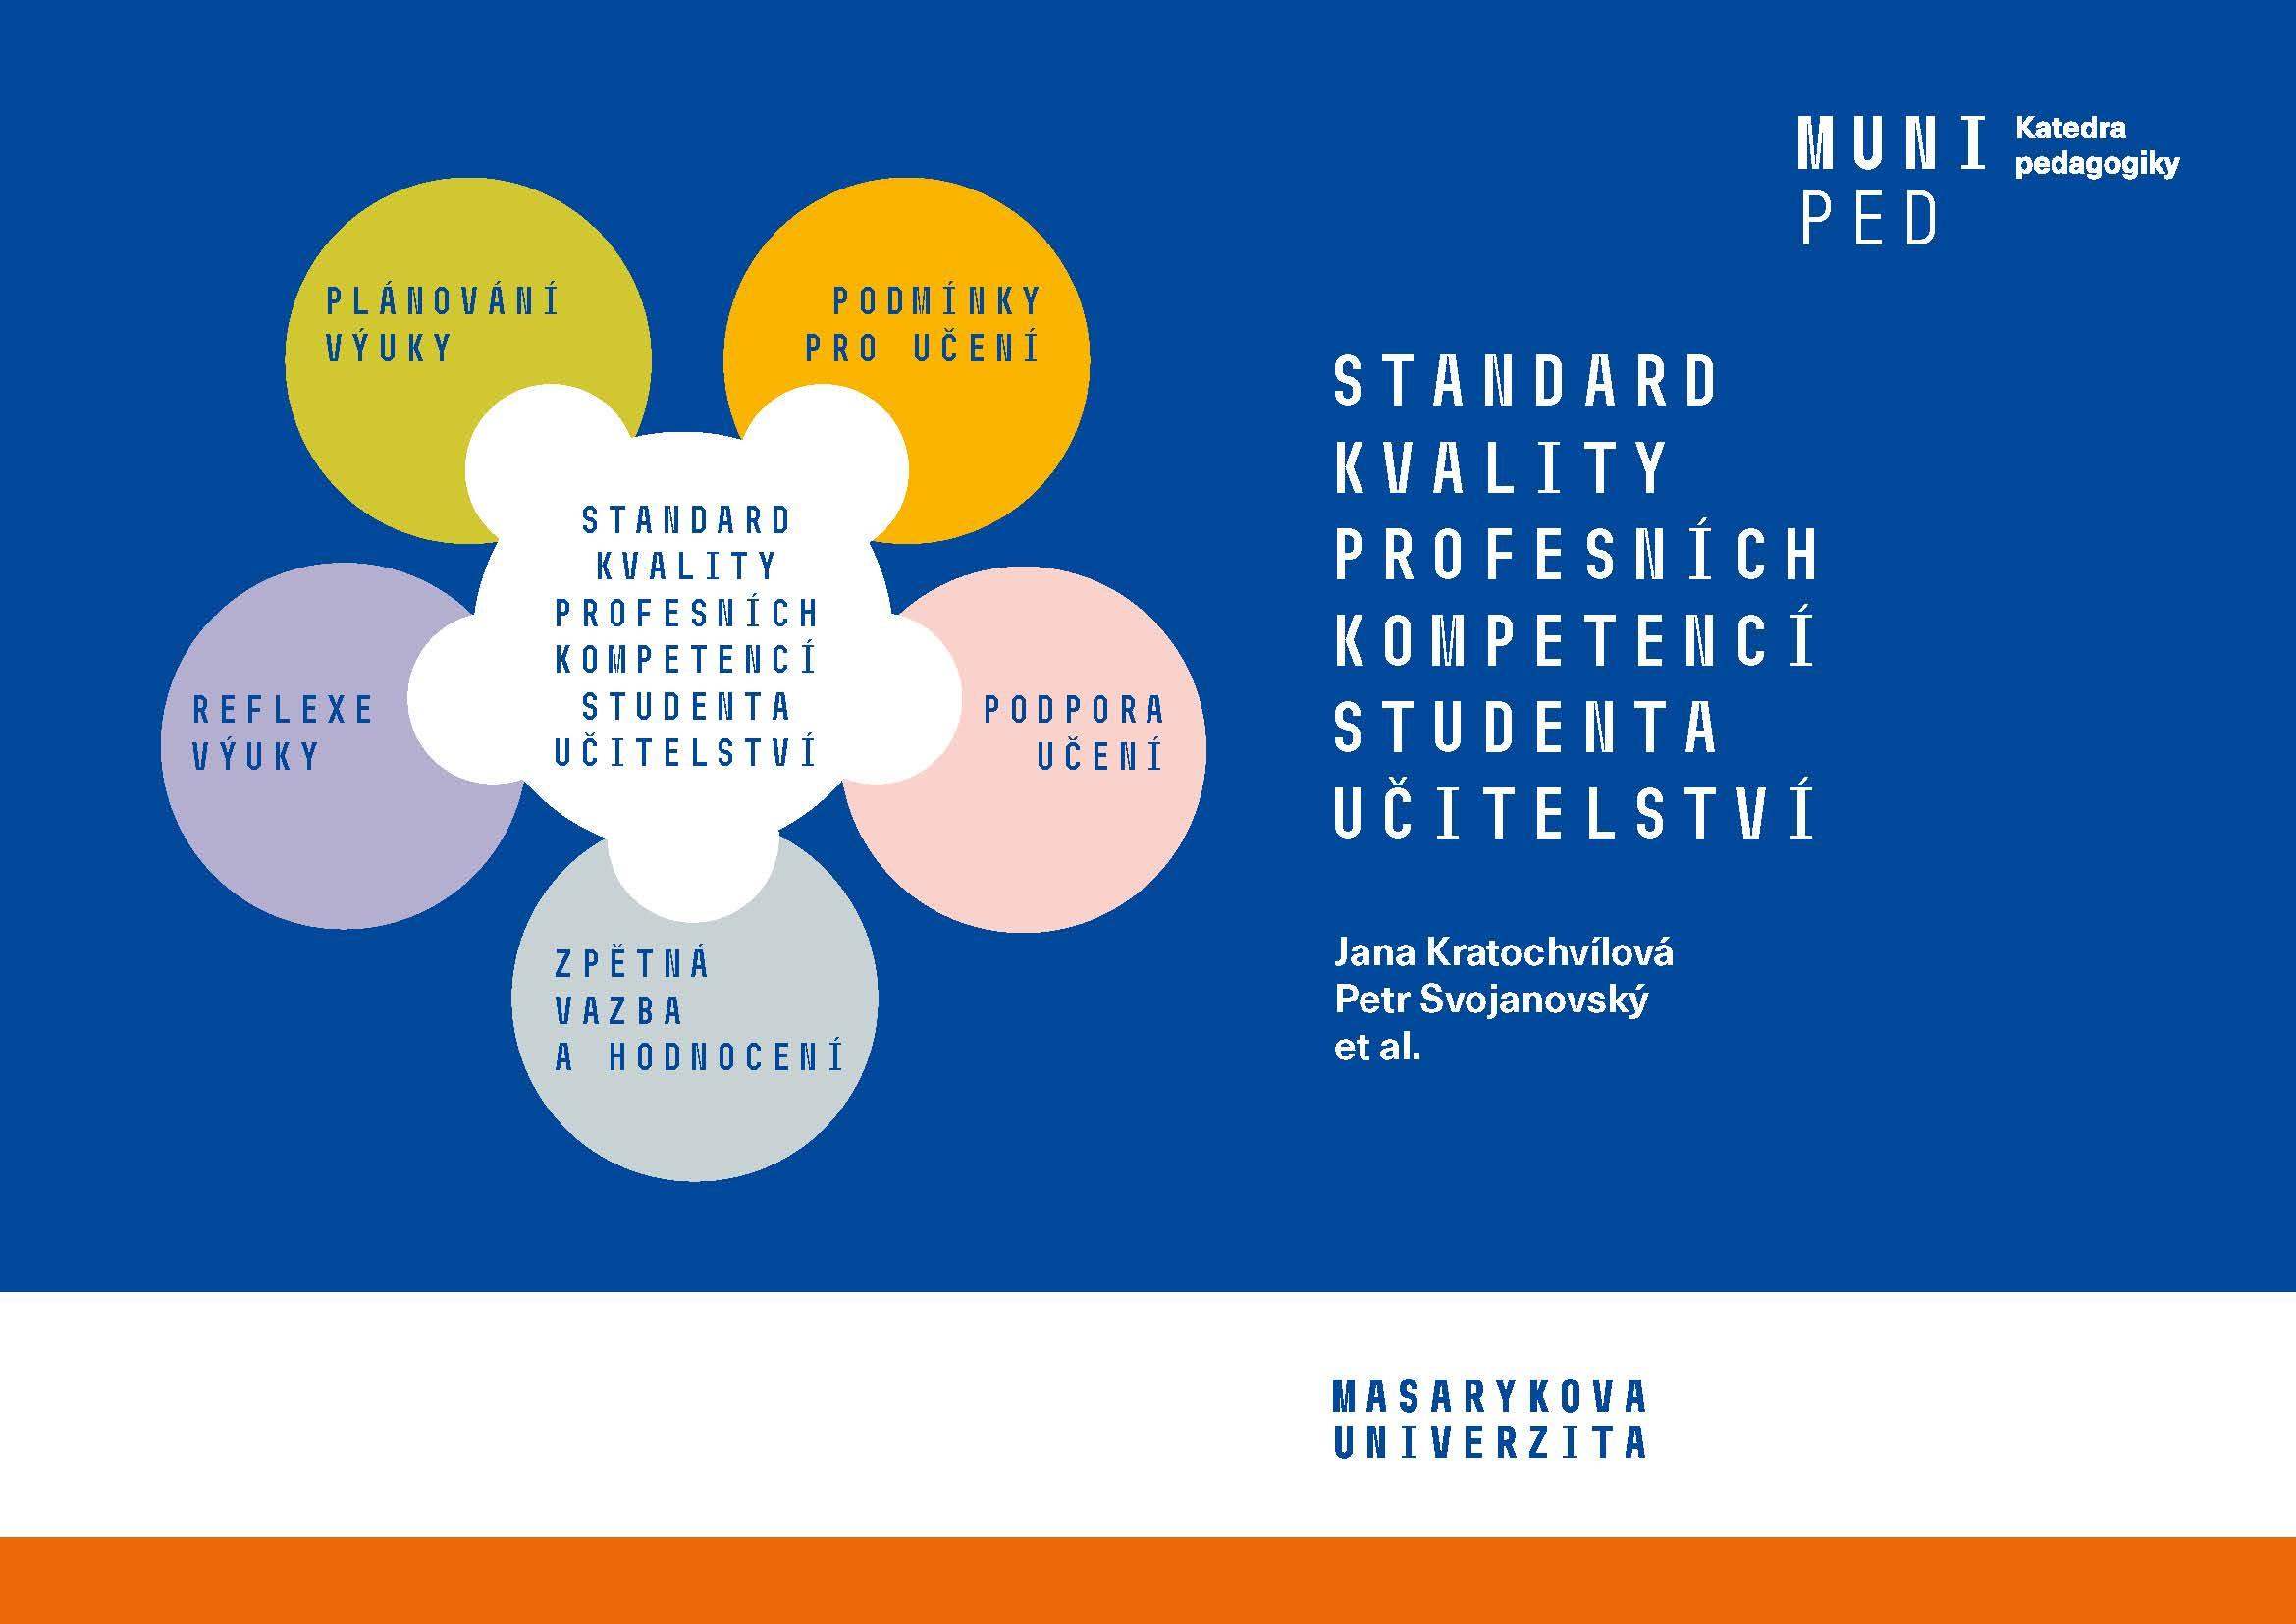 Obálka pro Standard kvality profesních kompetencí studenta učitelství